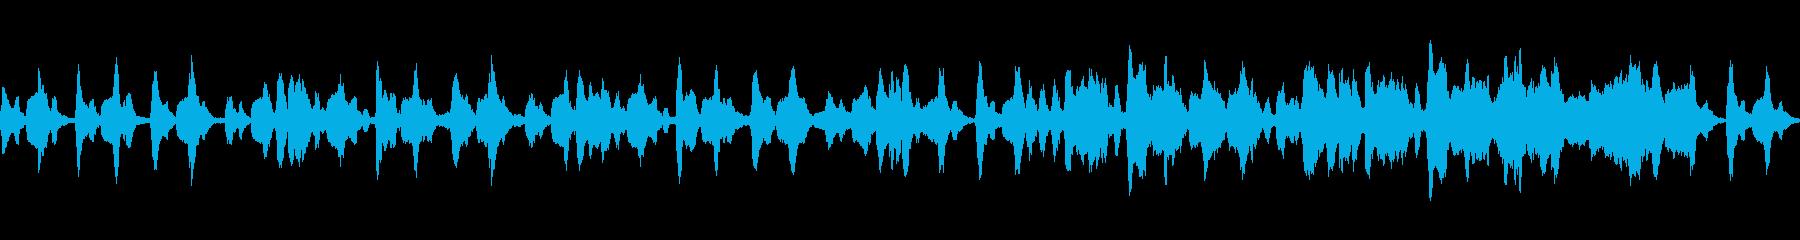 ゆったりとした雰囲気の日常系BGMの再生済みの波形